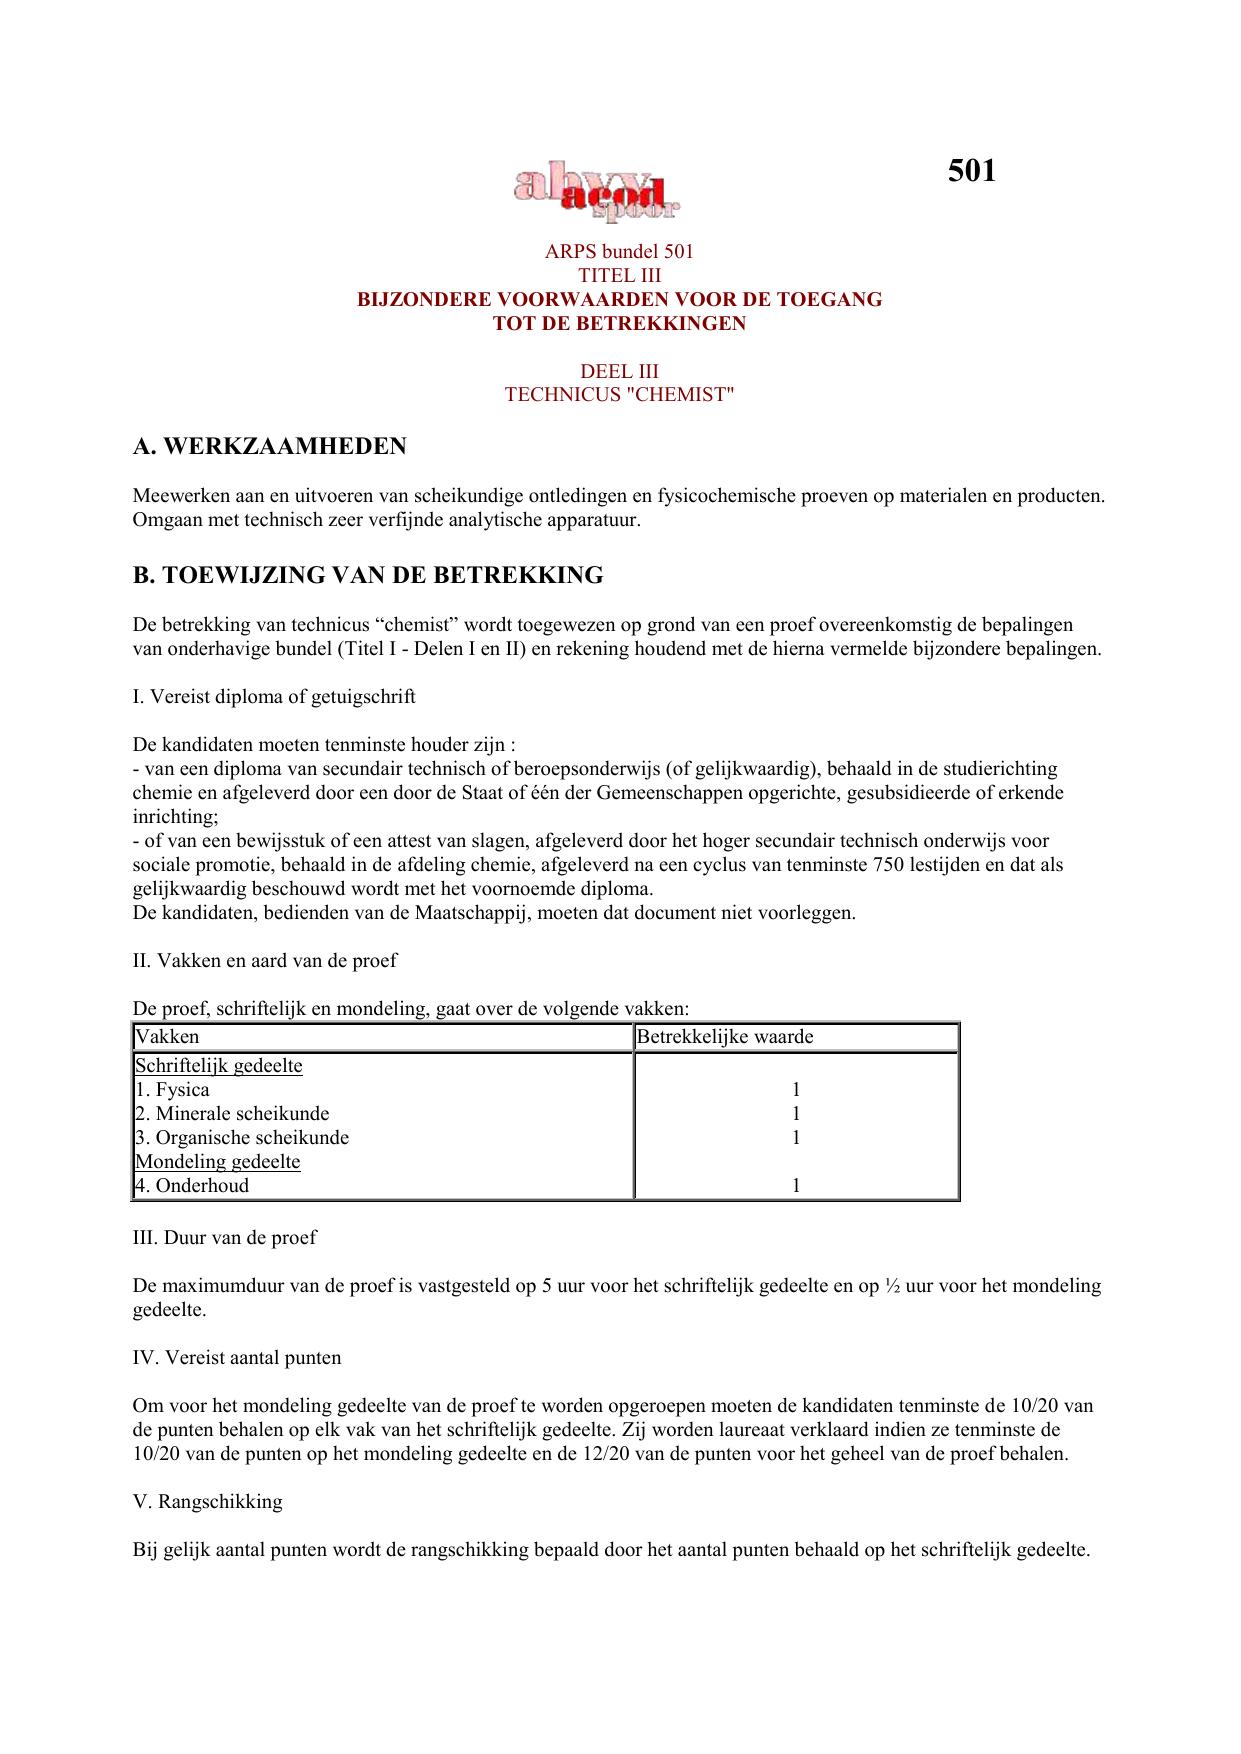 Arps Bundel 501 Fileshare Acod Spoor